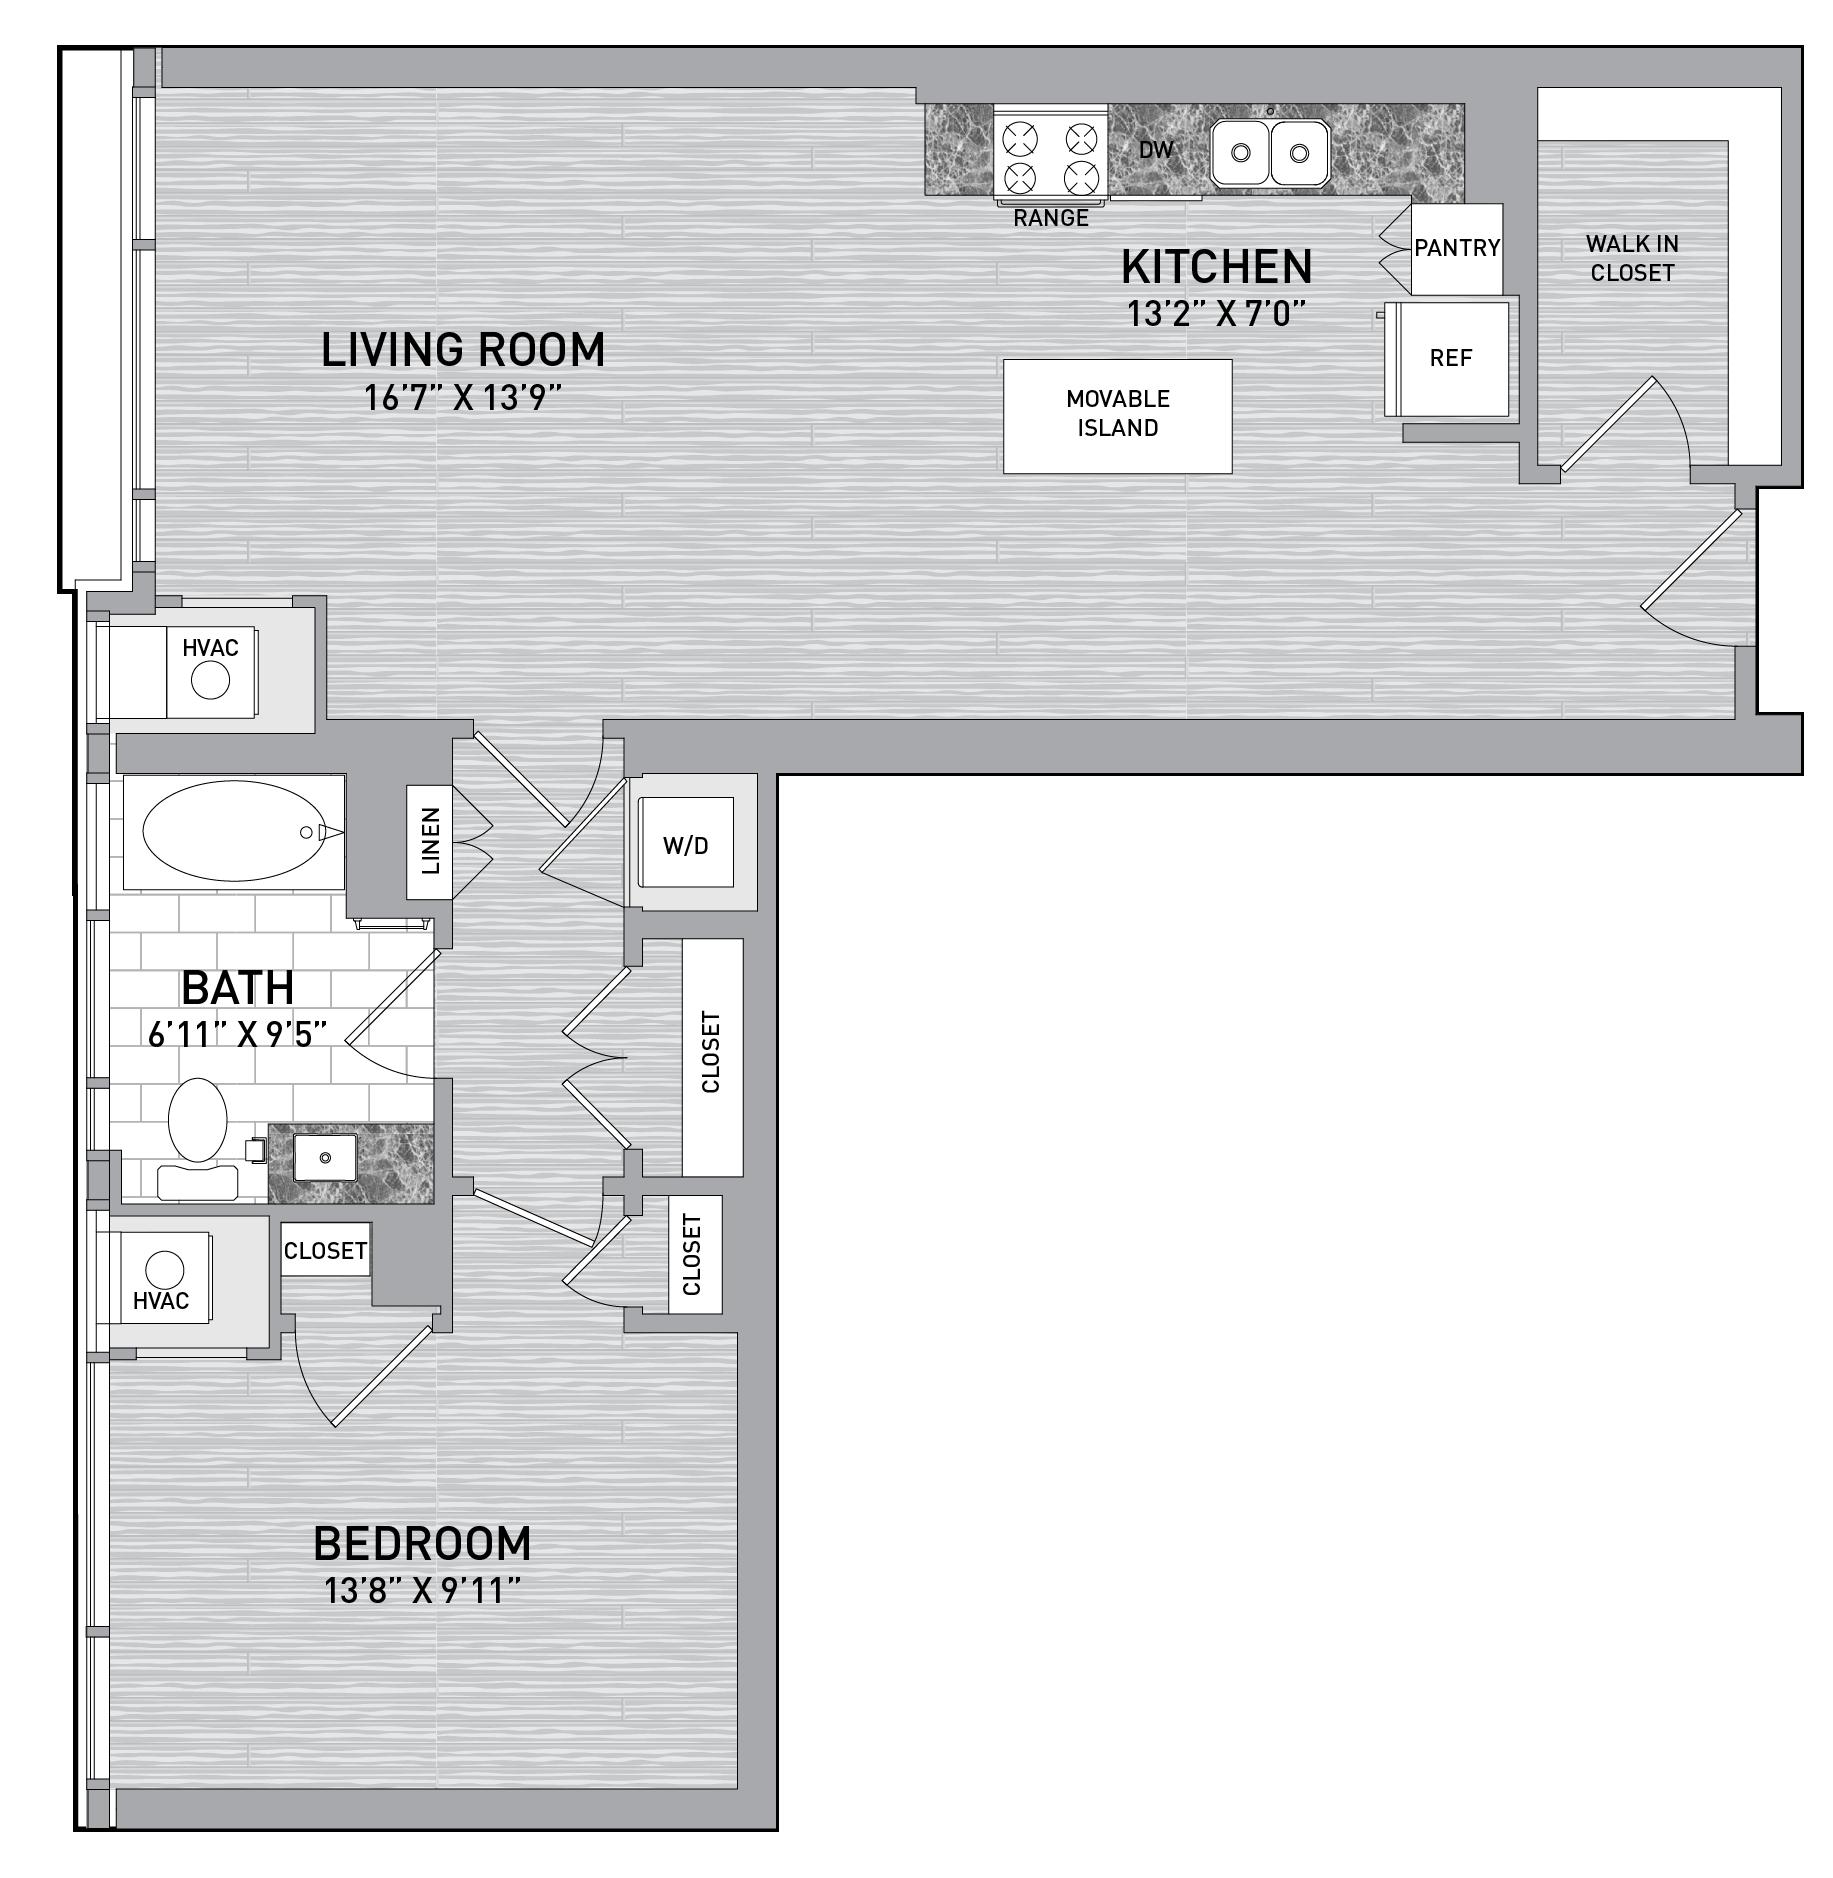 floorplan image of unit id 0732